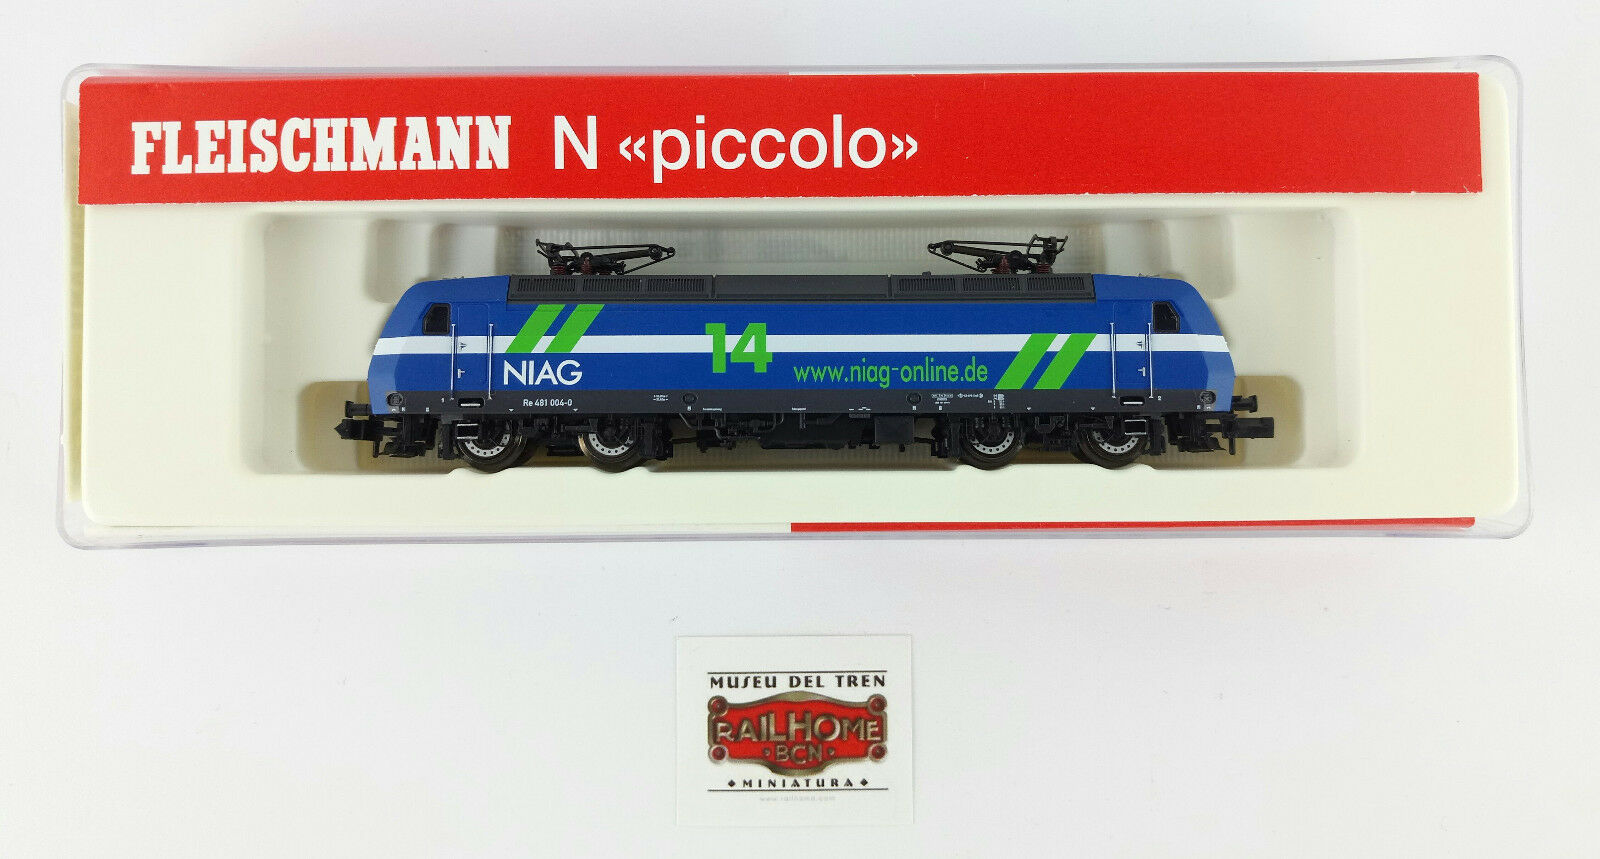 フリーランサーN 7323 02 - E - LOK BR RH 481 Niag - OVP -トップ